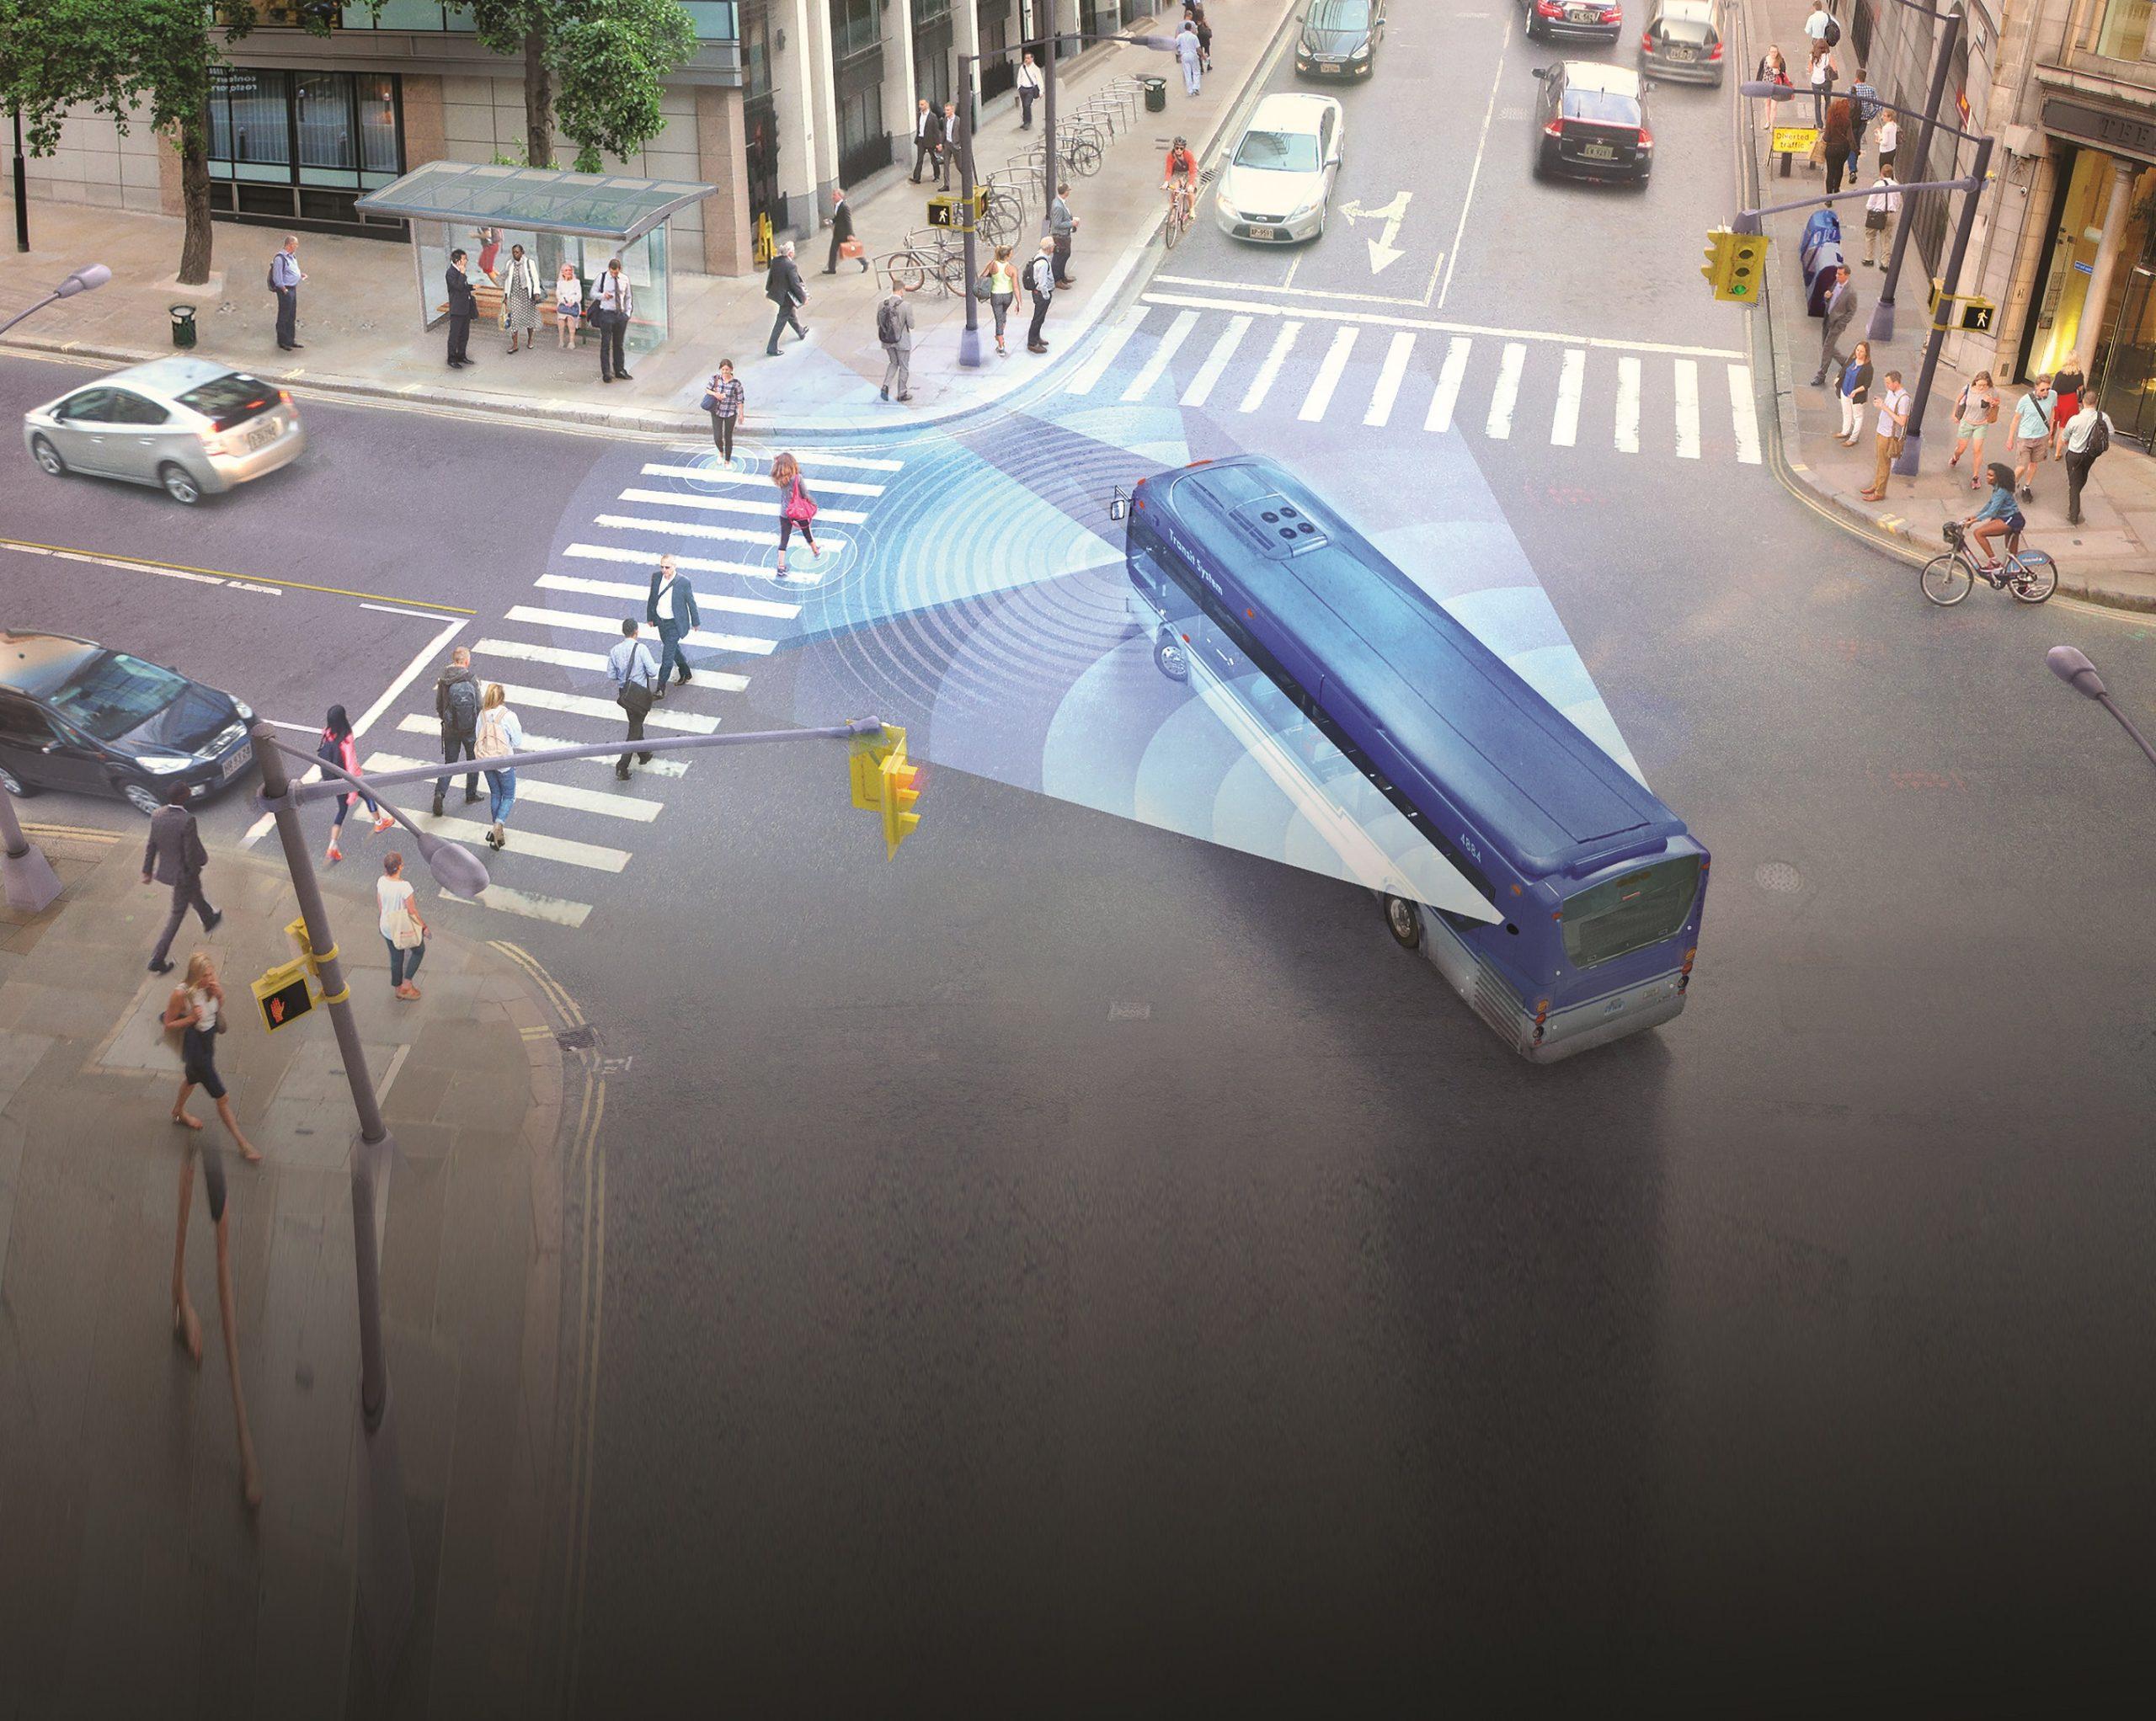 Intel 子公司 Mobileye 旗下大型車輛防撞系統獲硬蛋引入香港